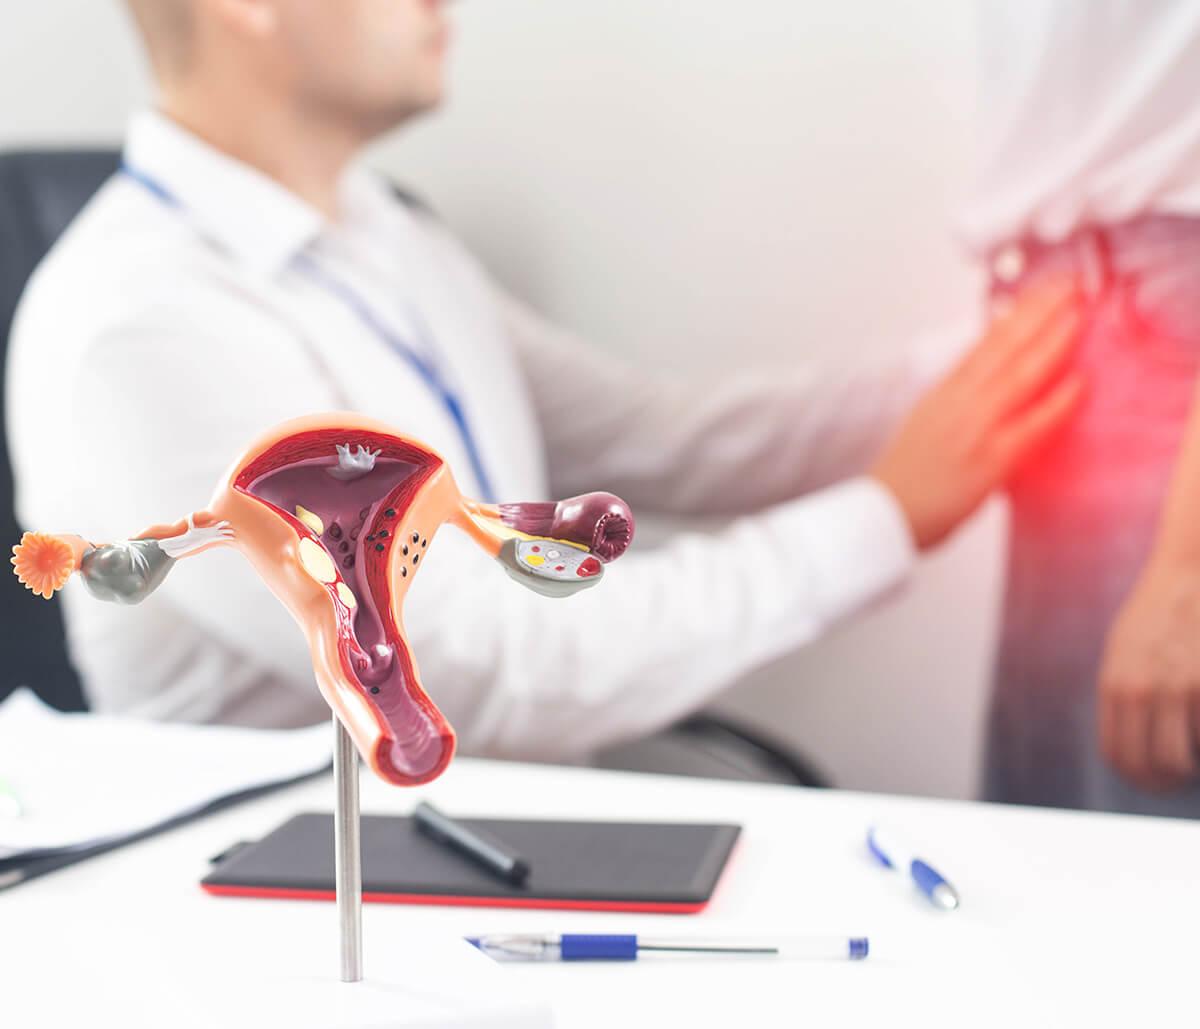 Ενδομητρίτιδα